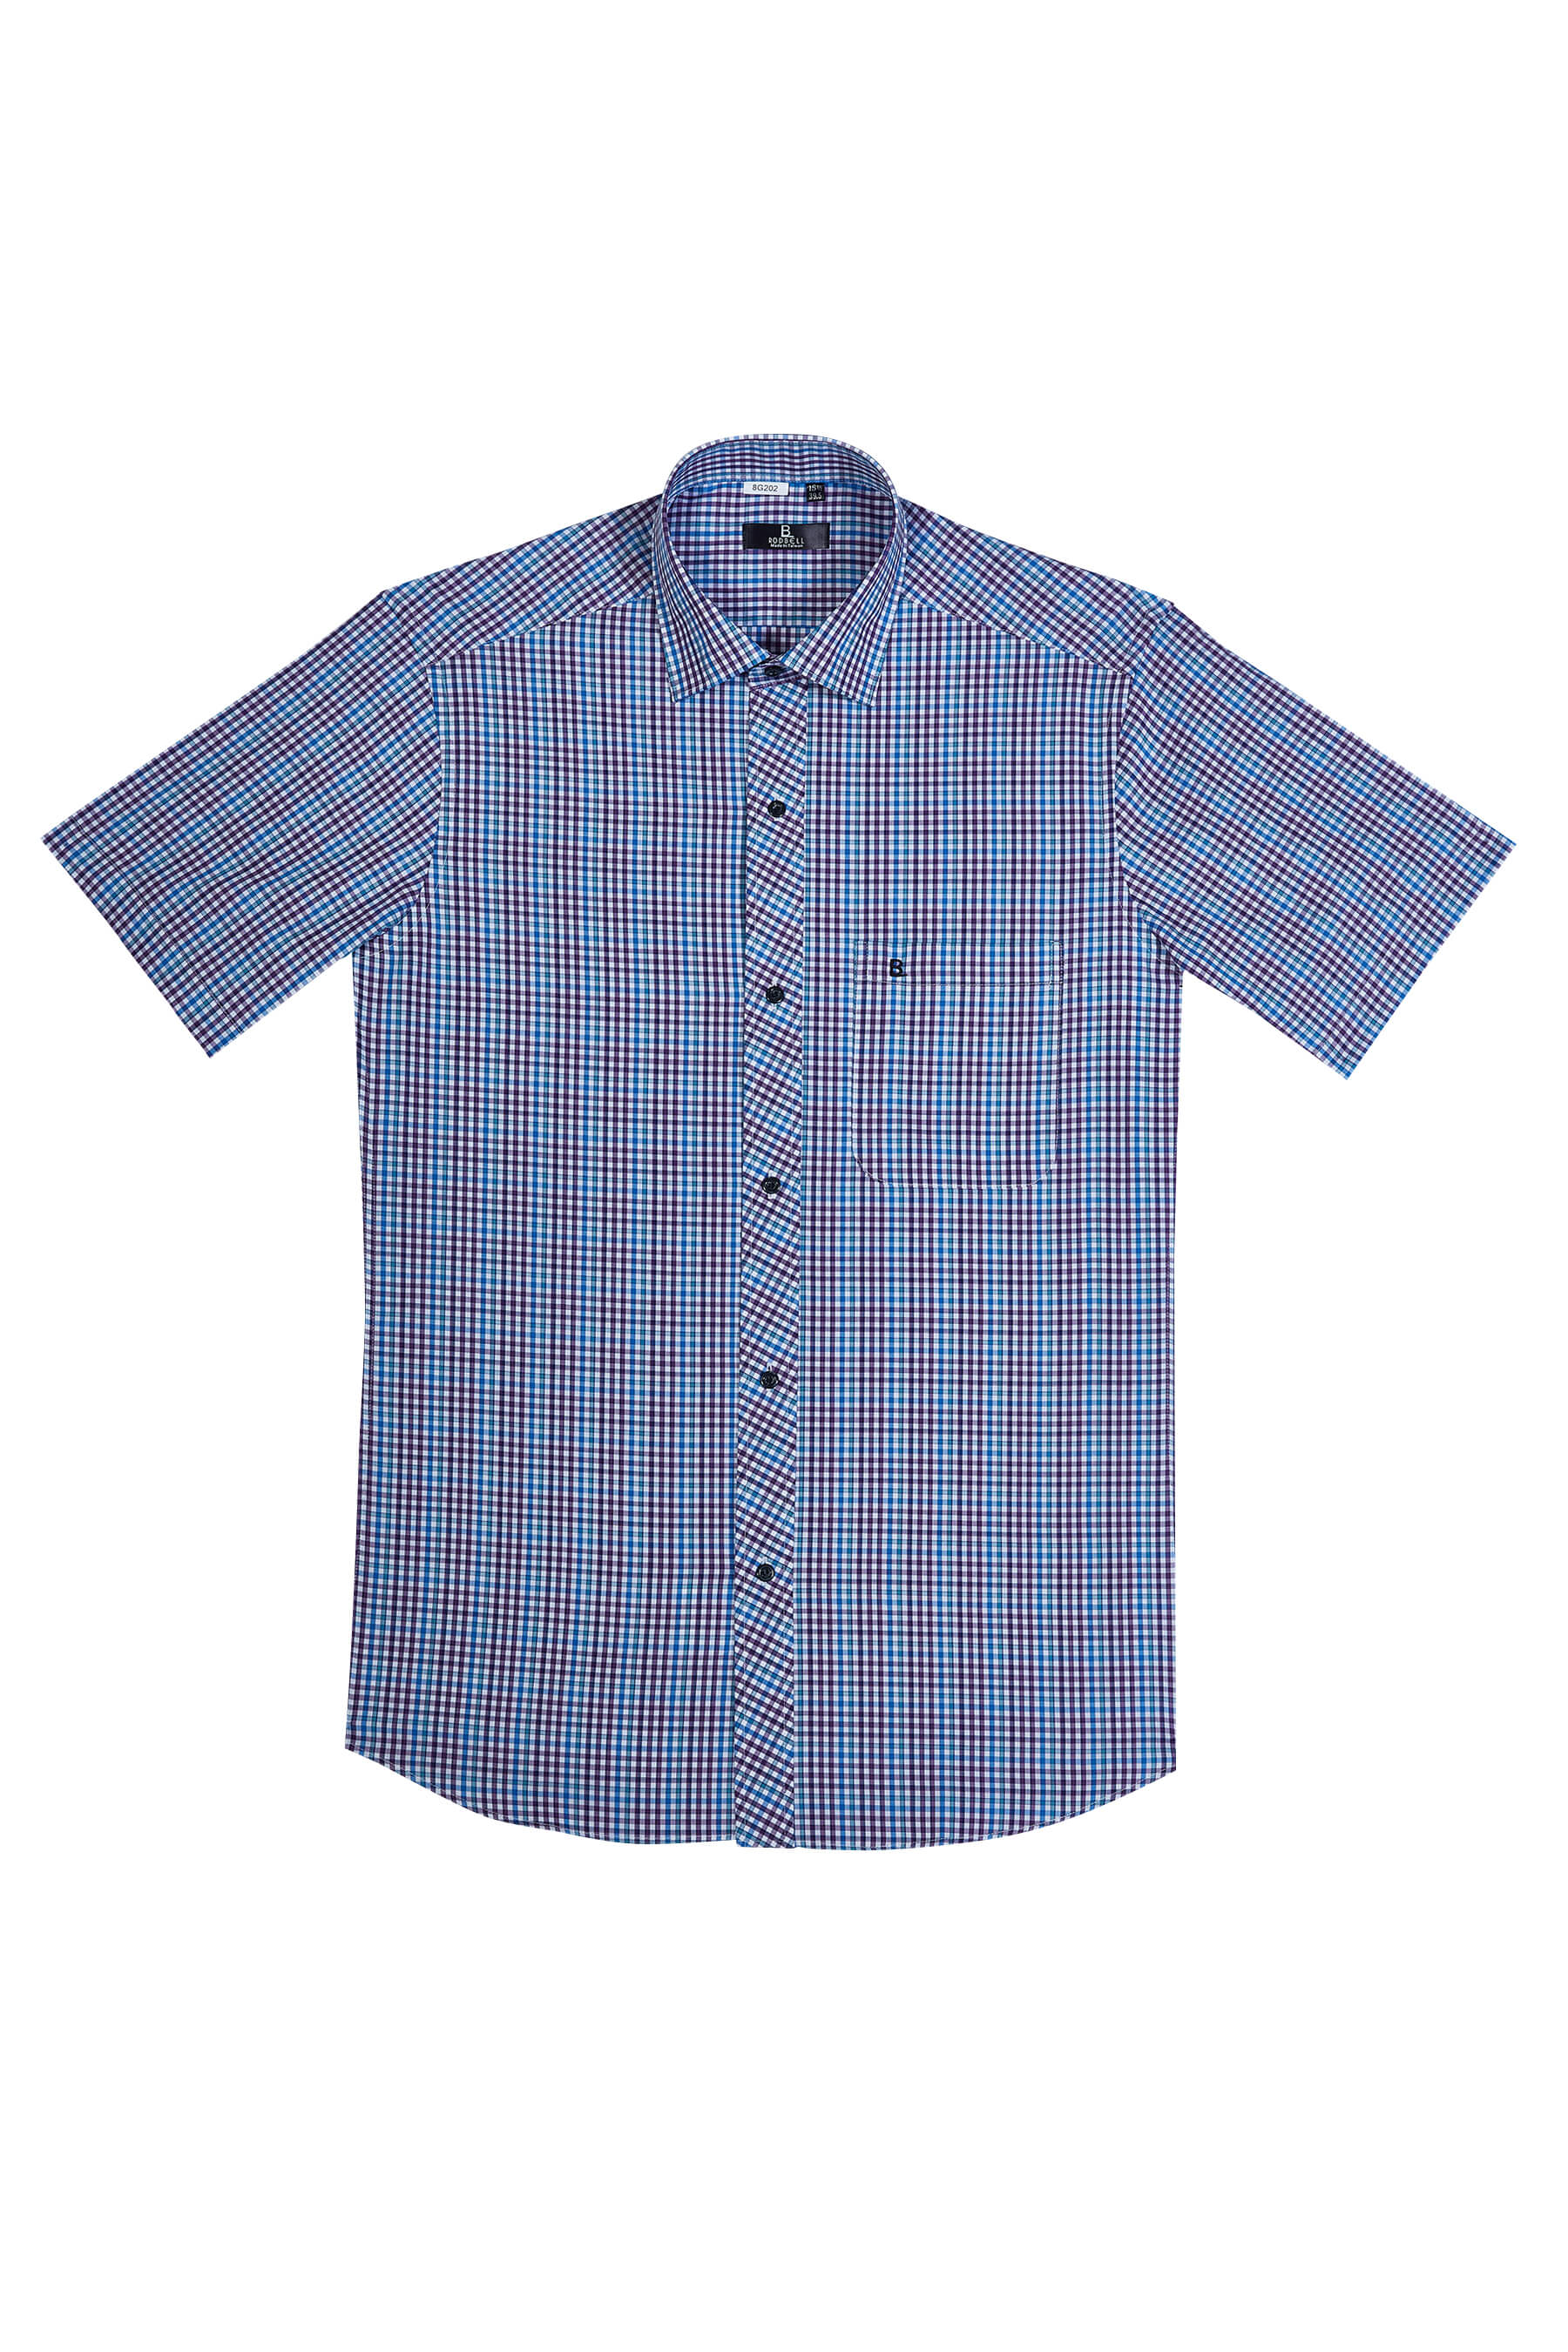 紫藍格紋純棉短袖襯衫/舒適透氣